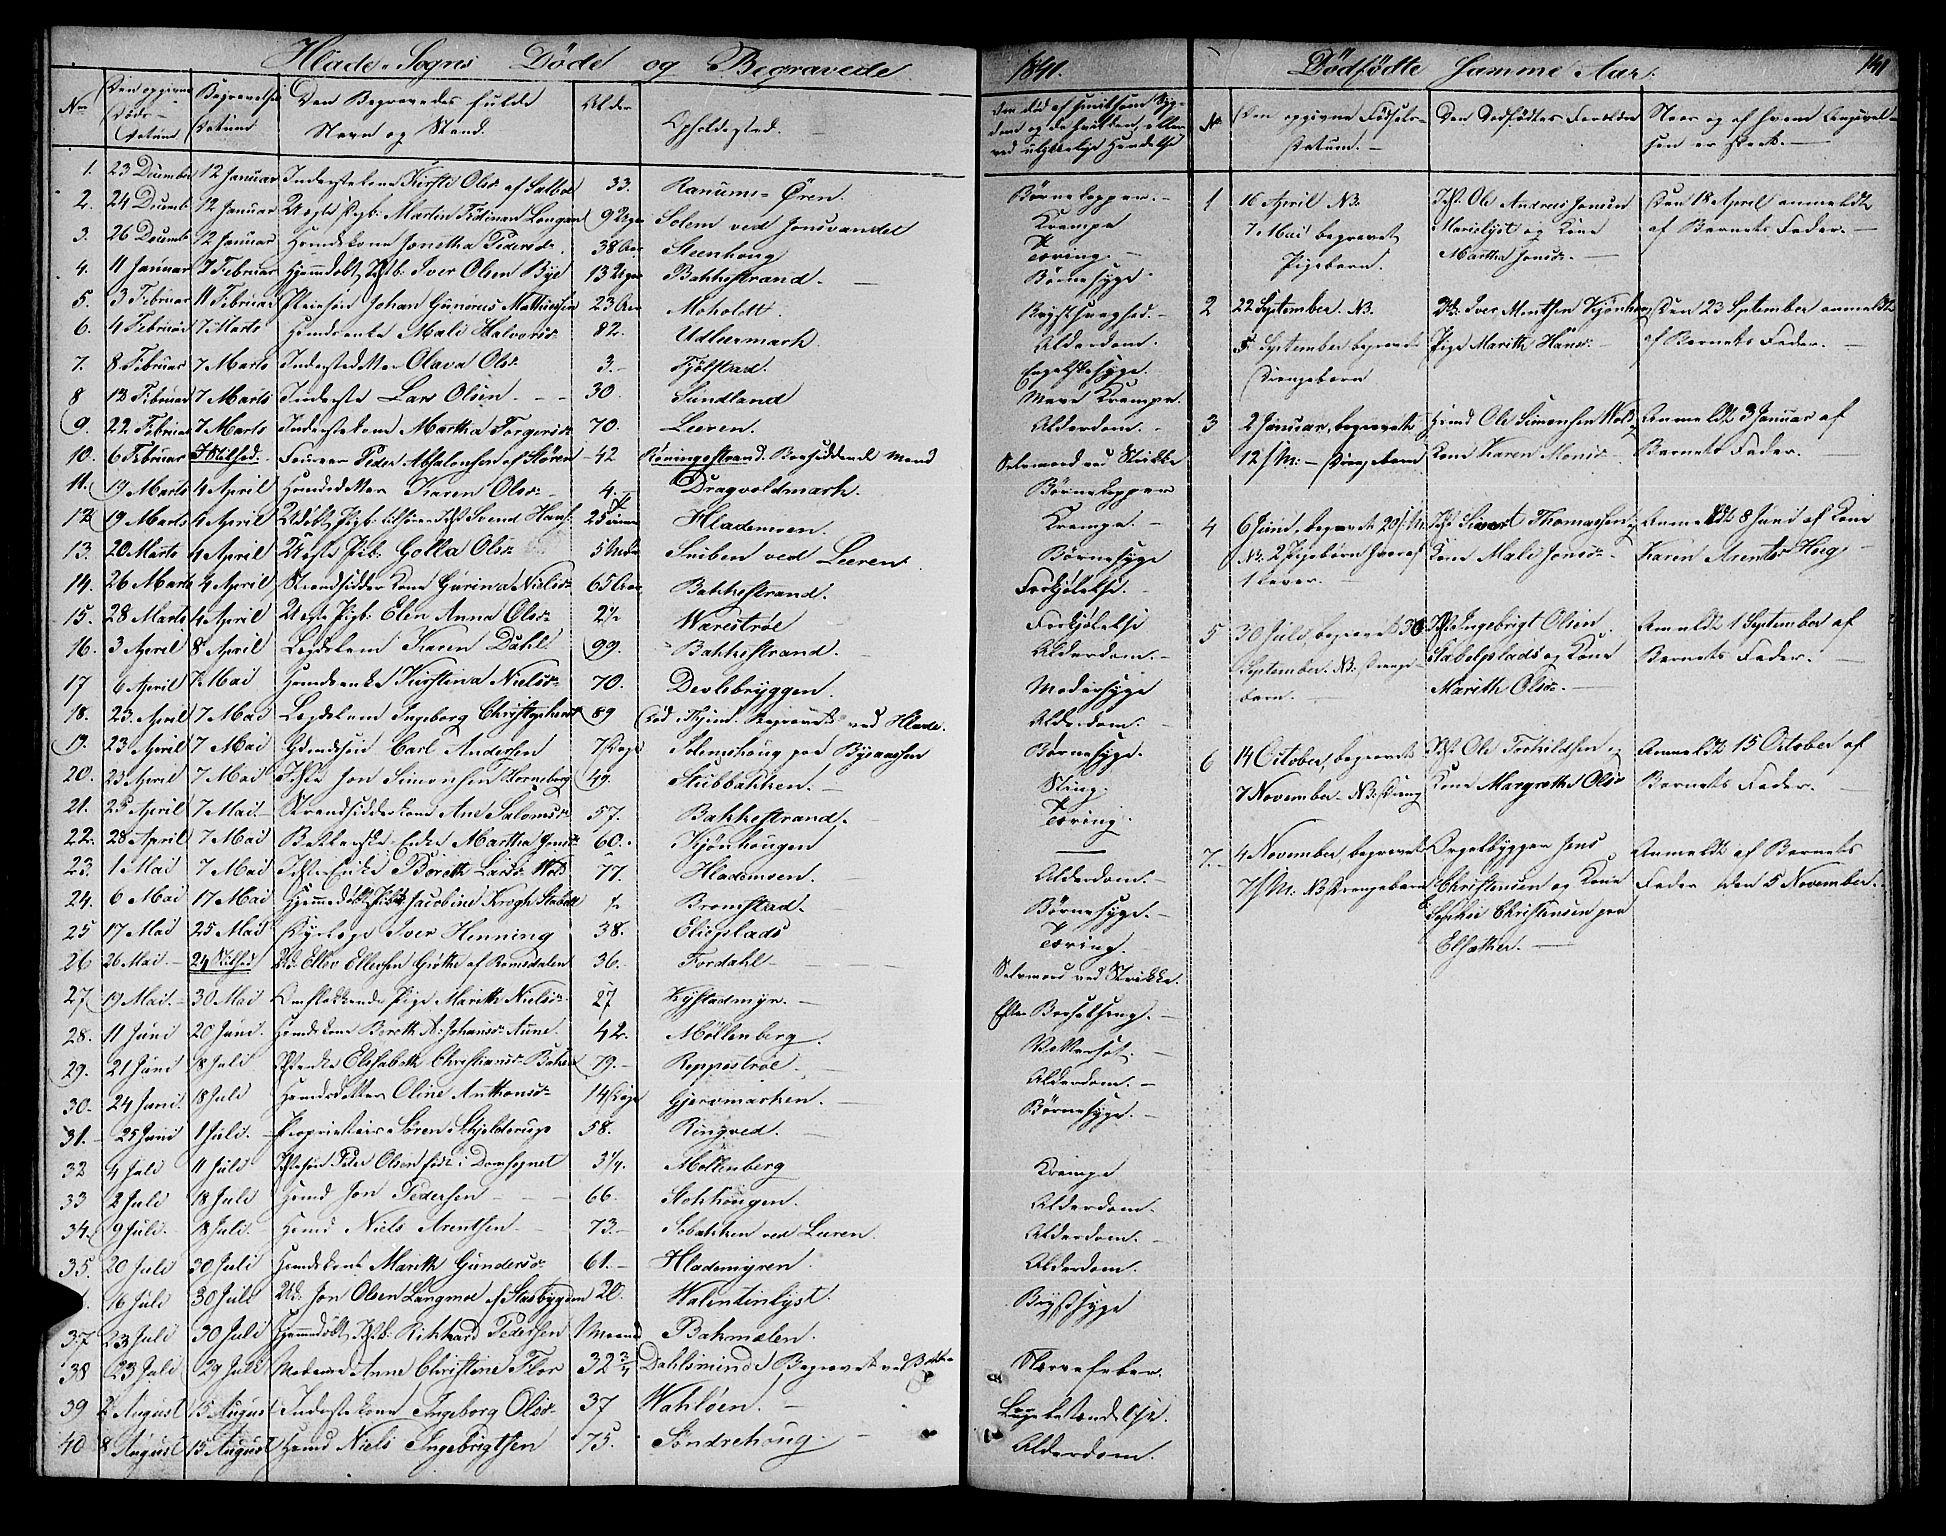 SAT, Ministerialprotokoller, klokkerbøker og fødselsregistre - Sør-Trøndelag, 606/L0309: Klokkerbok nr. 606C05, 1841-1849, s. 141